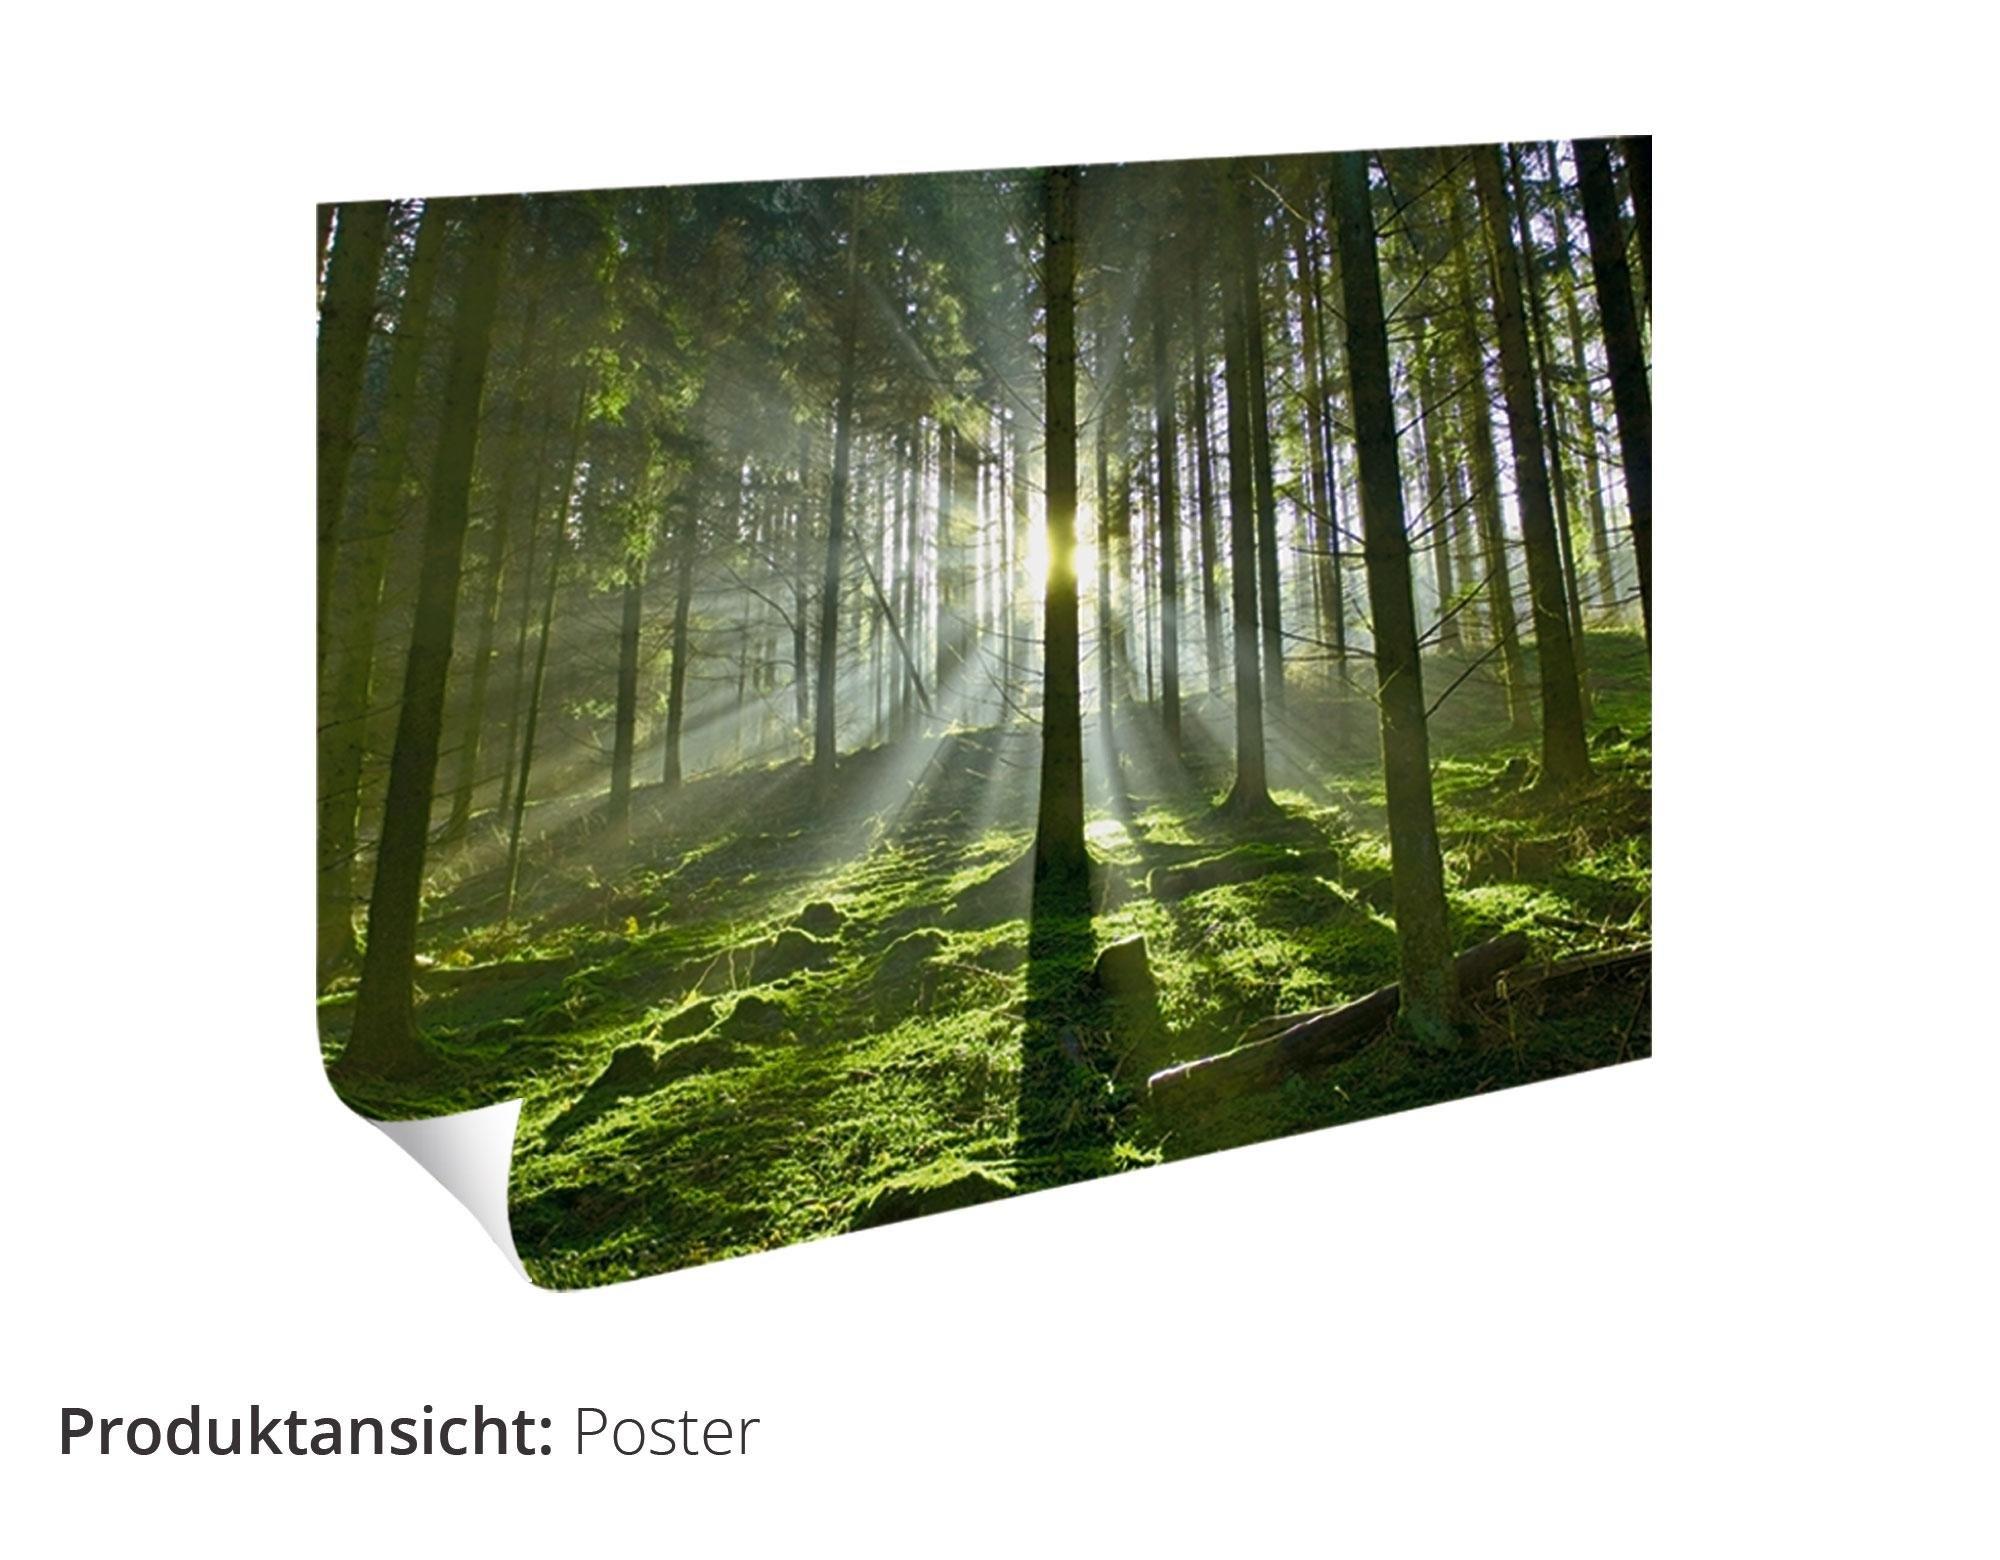 Artland artprint »Fantasie« goedkoop op otto.nl kopen